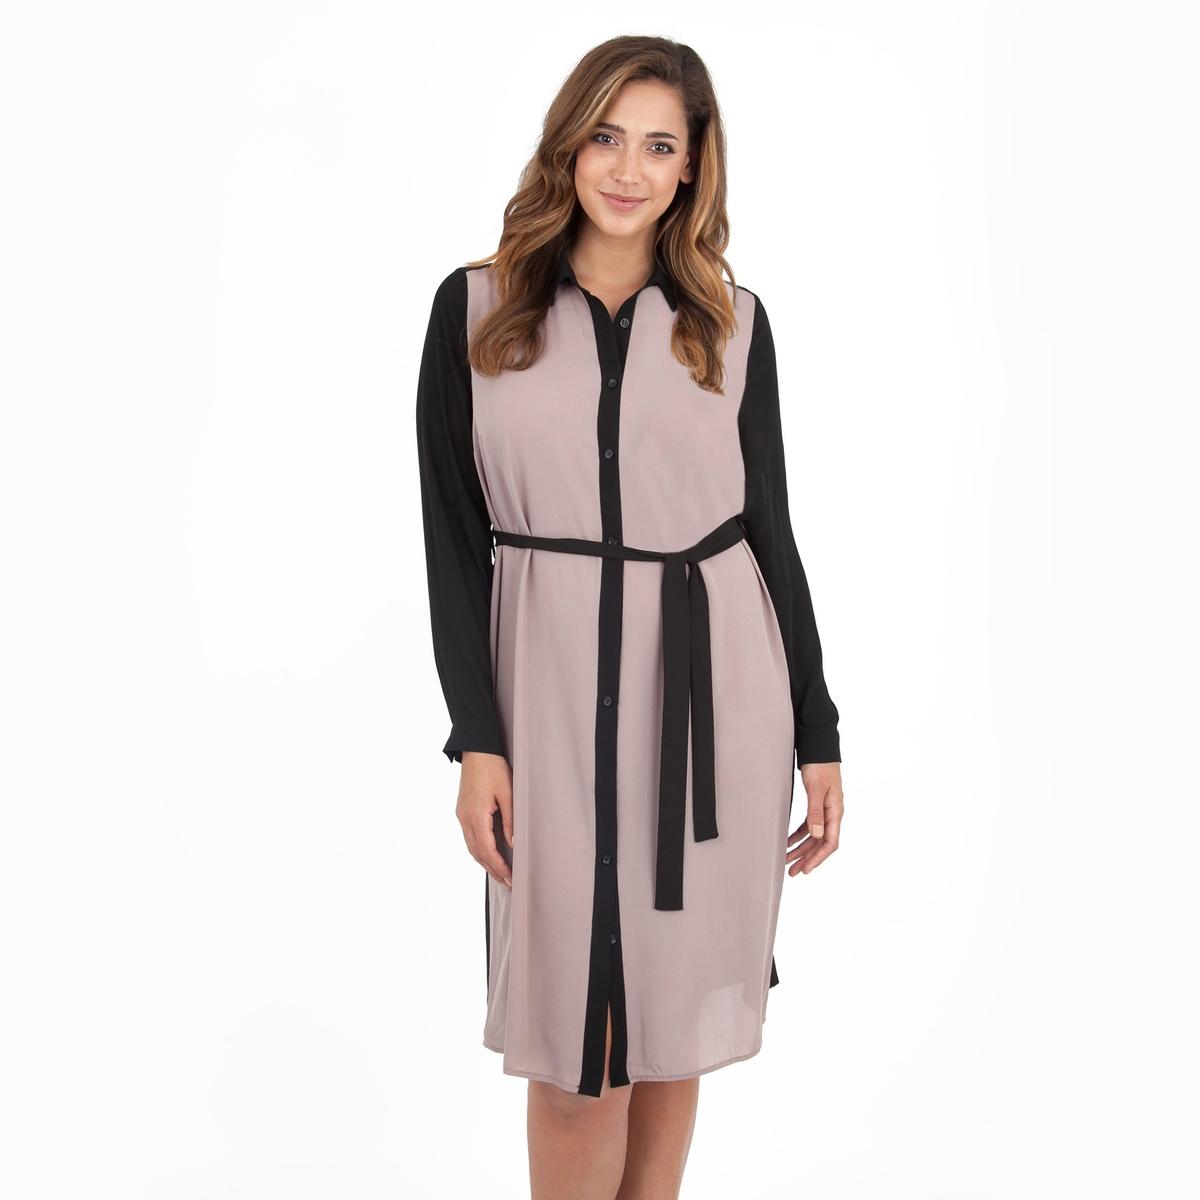 Платье-рубашкаПлатье с длинными рукаавами - LOVEDROBE. Красивое платье-рубашка с ремнем на поясе. Длина ок.104 см. 100% полиэстера.<br><br>Цвет: бежевый/ черный<br>Размер: 48 (FR) - 54 (RUS)